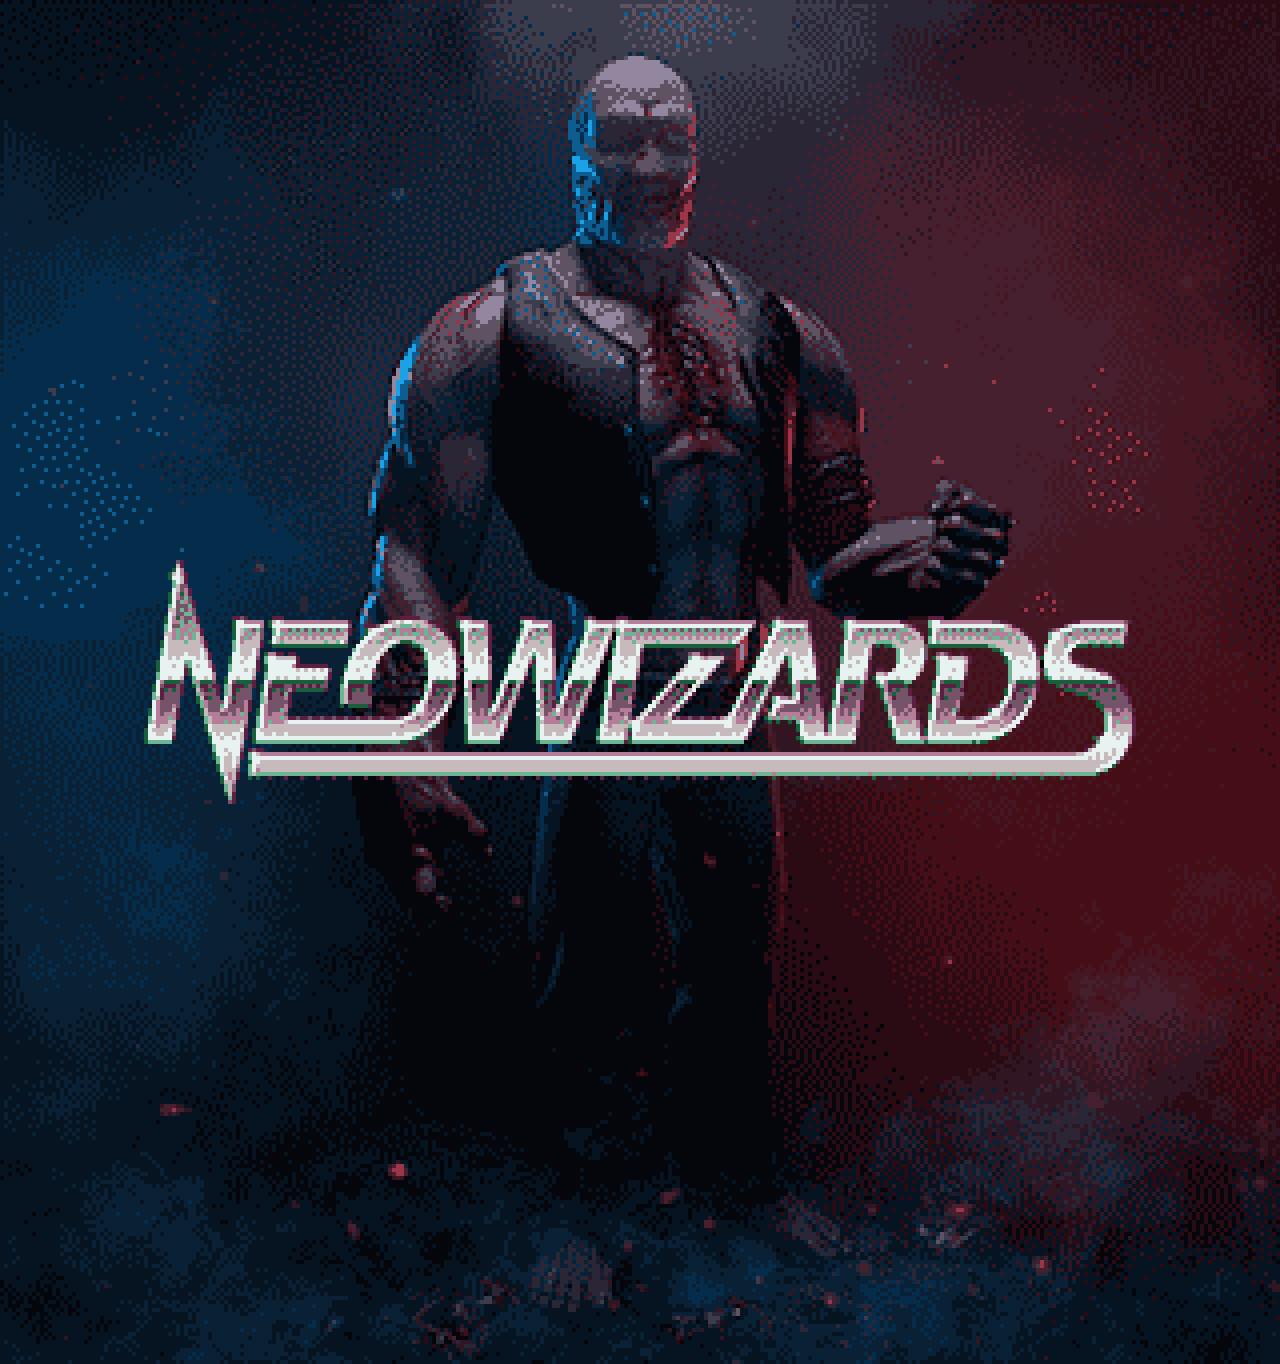 Sendoa bergasa neowizards 8 bit